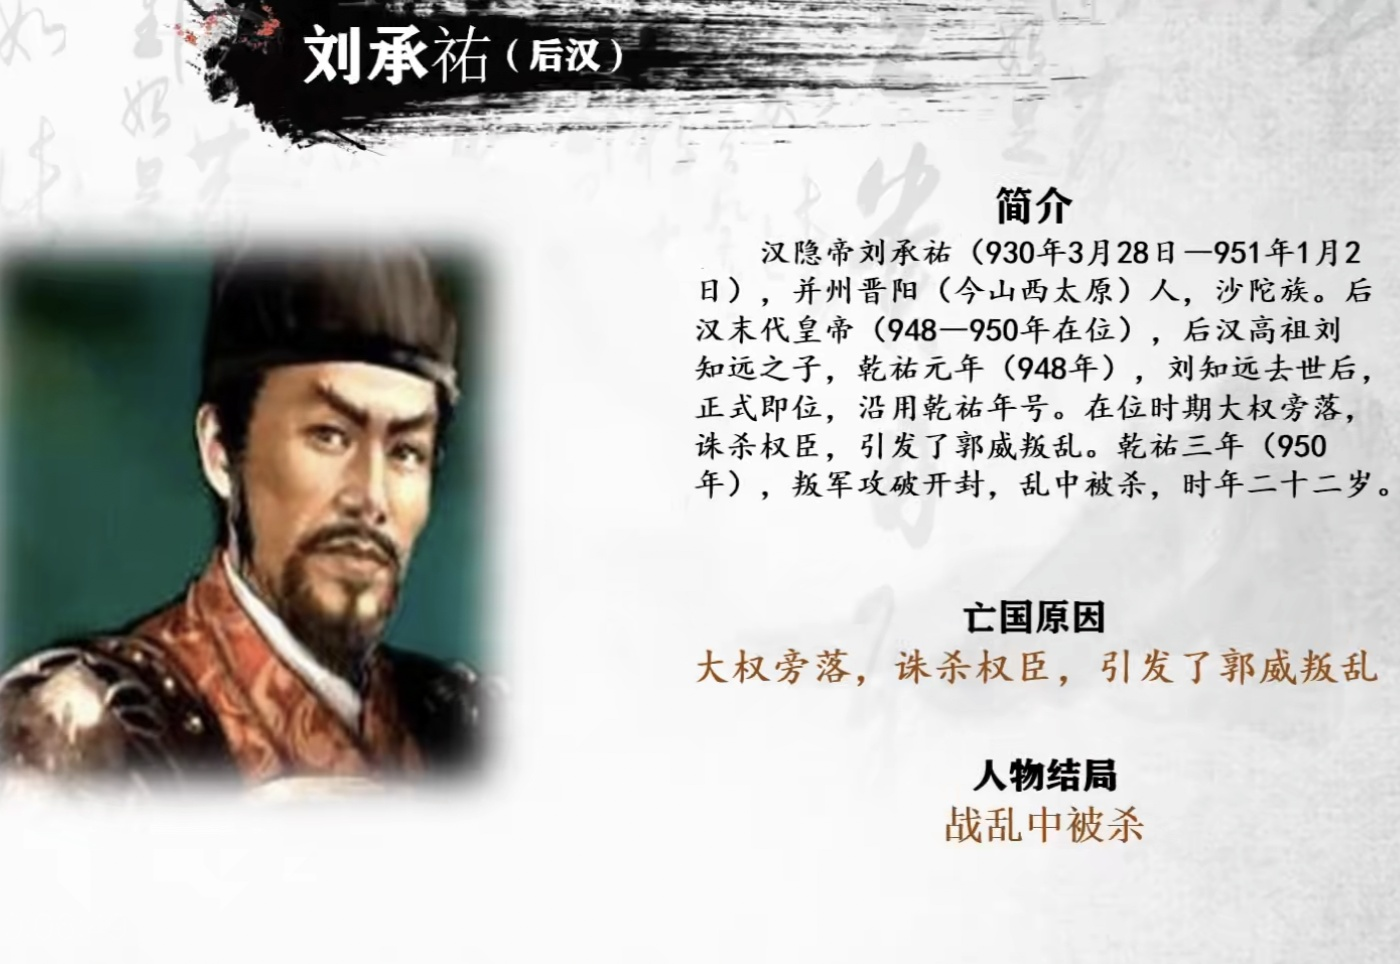 盘点中国古代的亡国之君